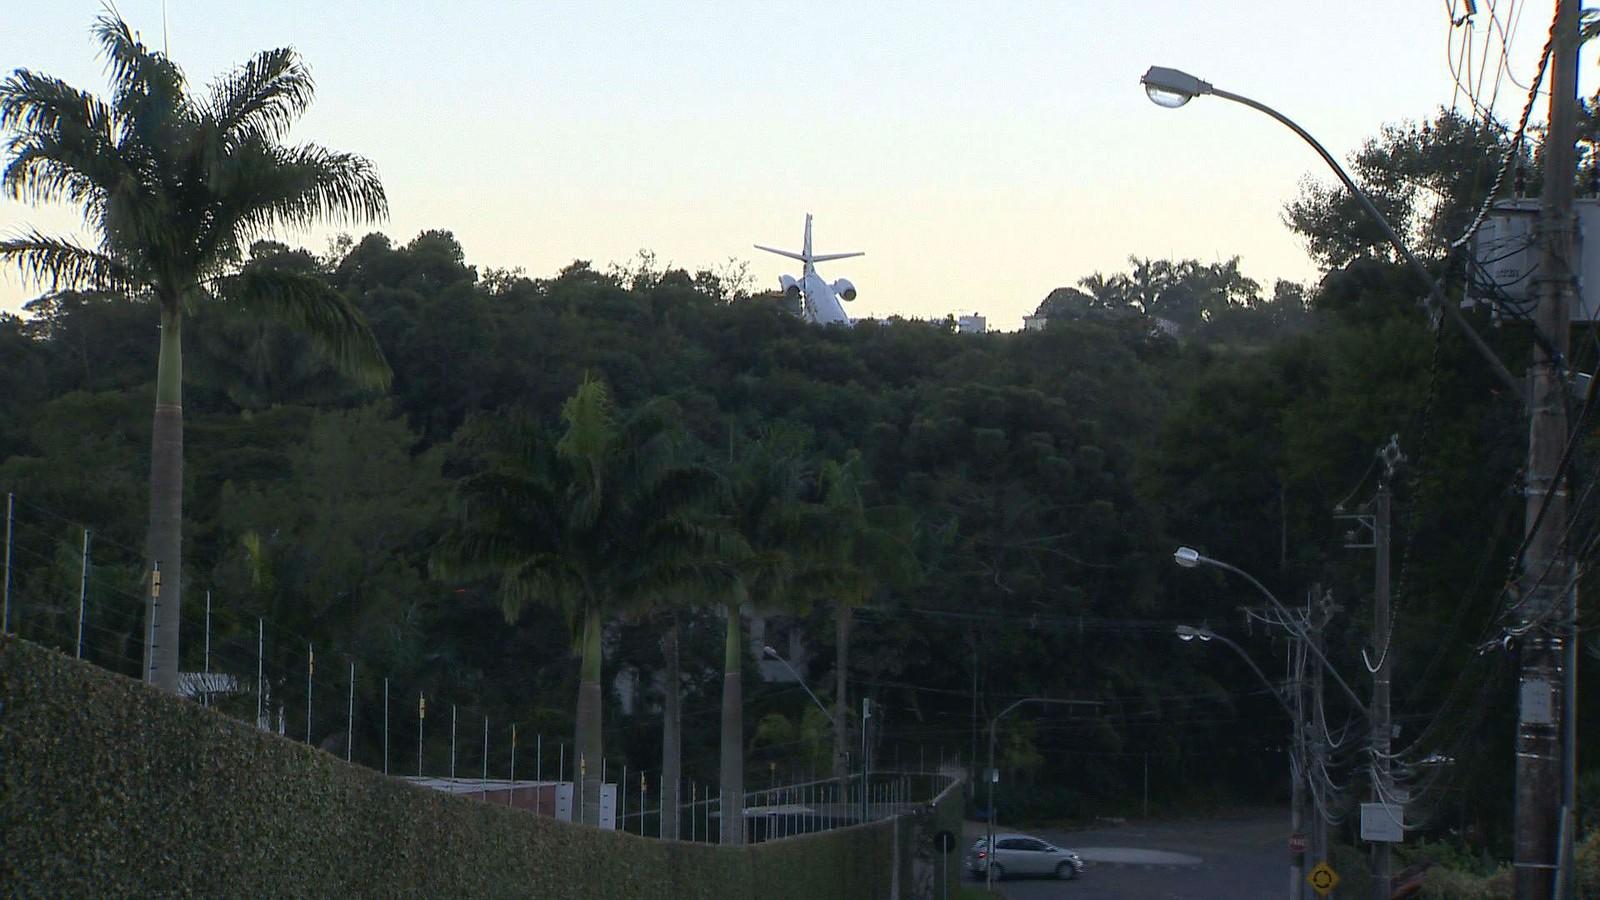 Aeronáutica vai apurar problema com avião do Dj Alok